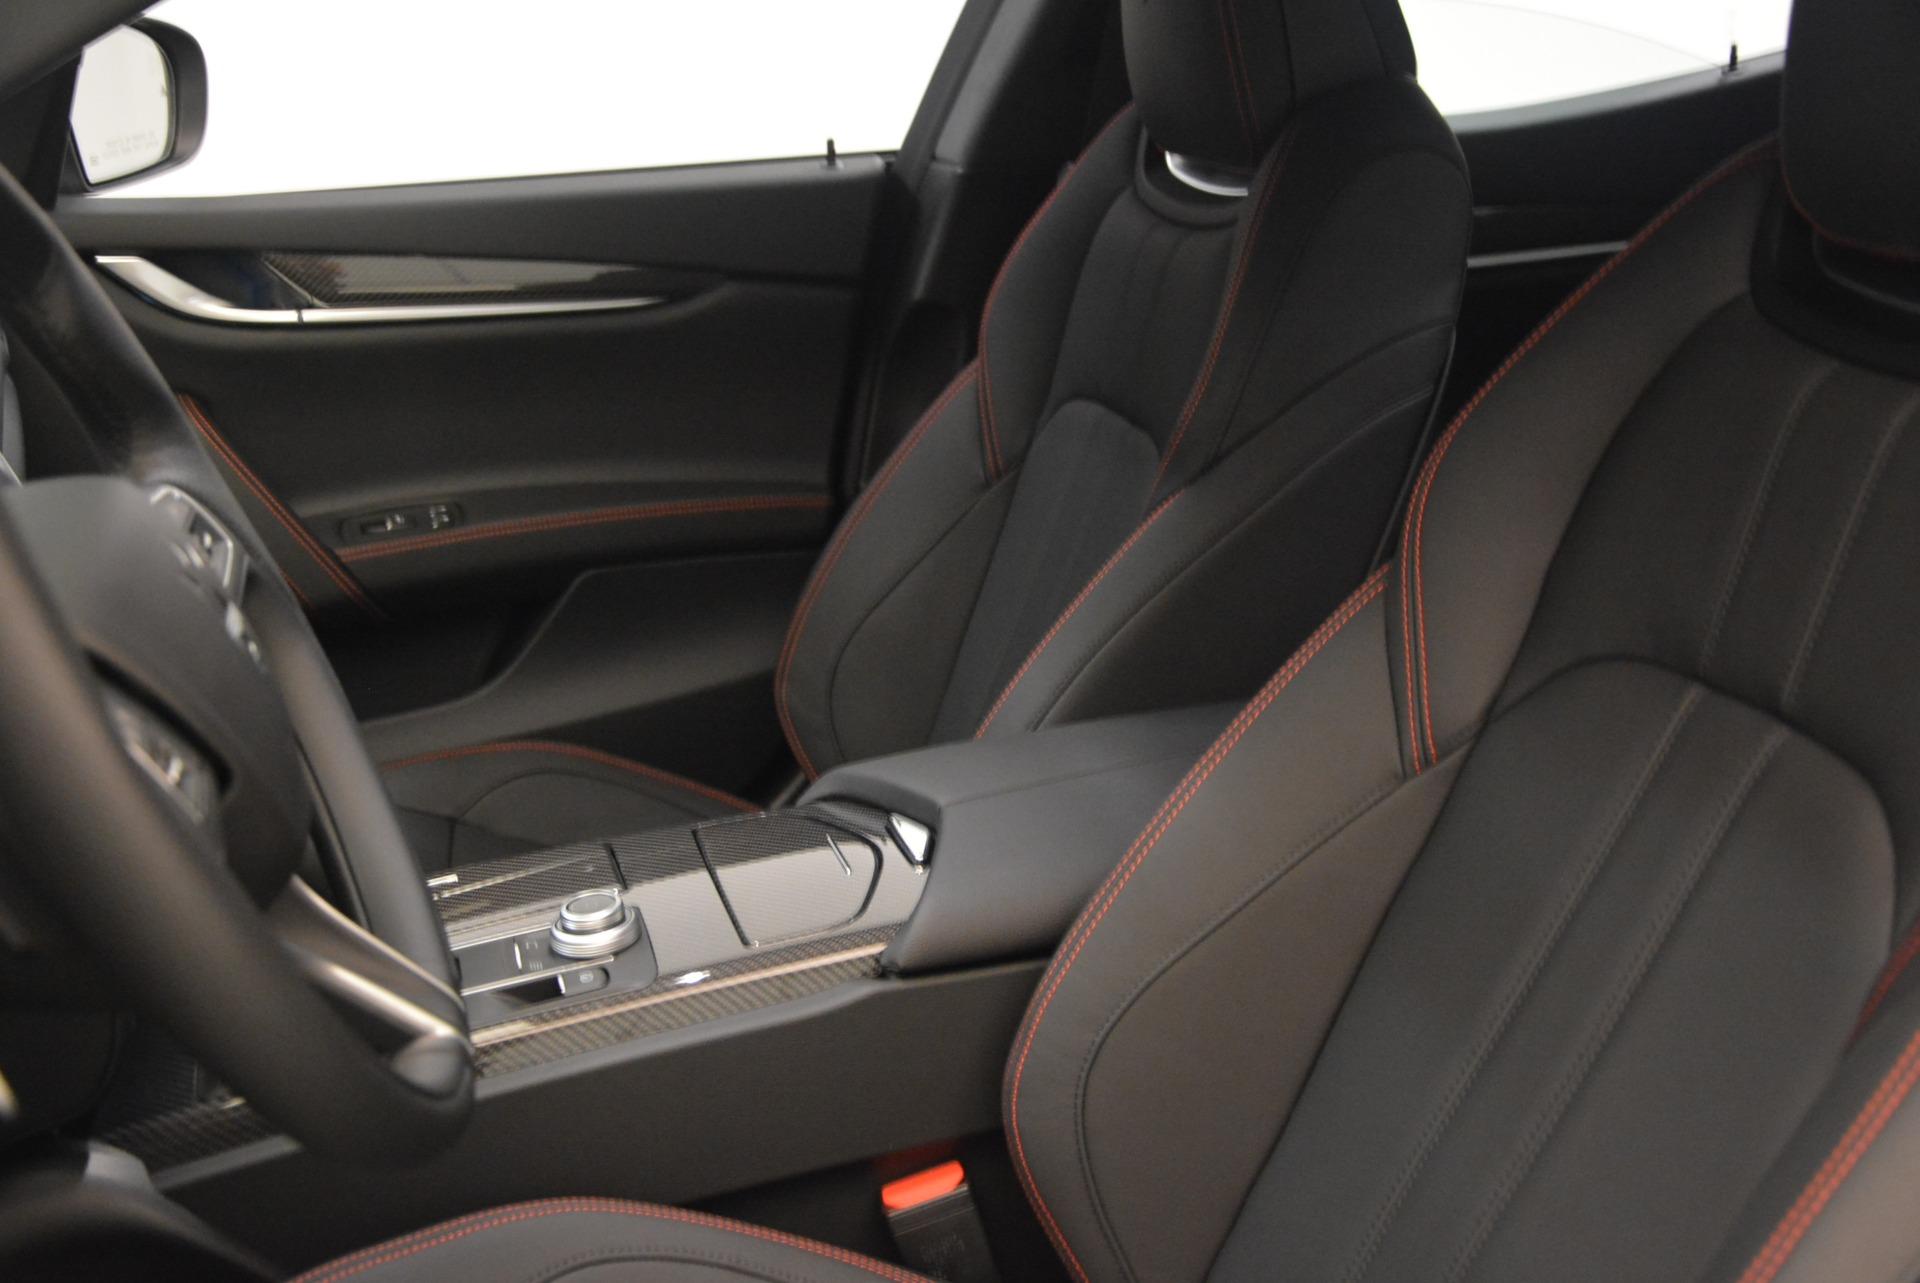 New 2018 Maserati Ghibli SQ4 GranSport Nerissimo For Sale In Greenwich, CT. Alfa Romeo of Greenwich, M2173 2368_p15